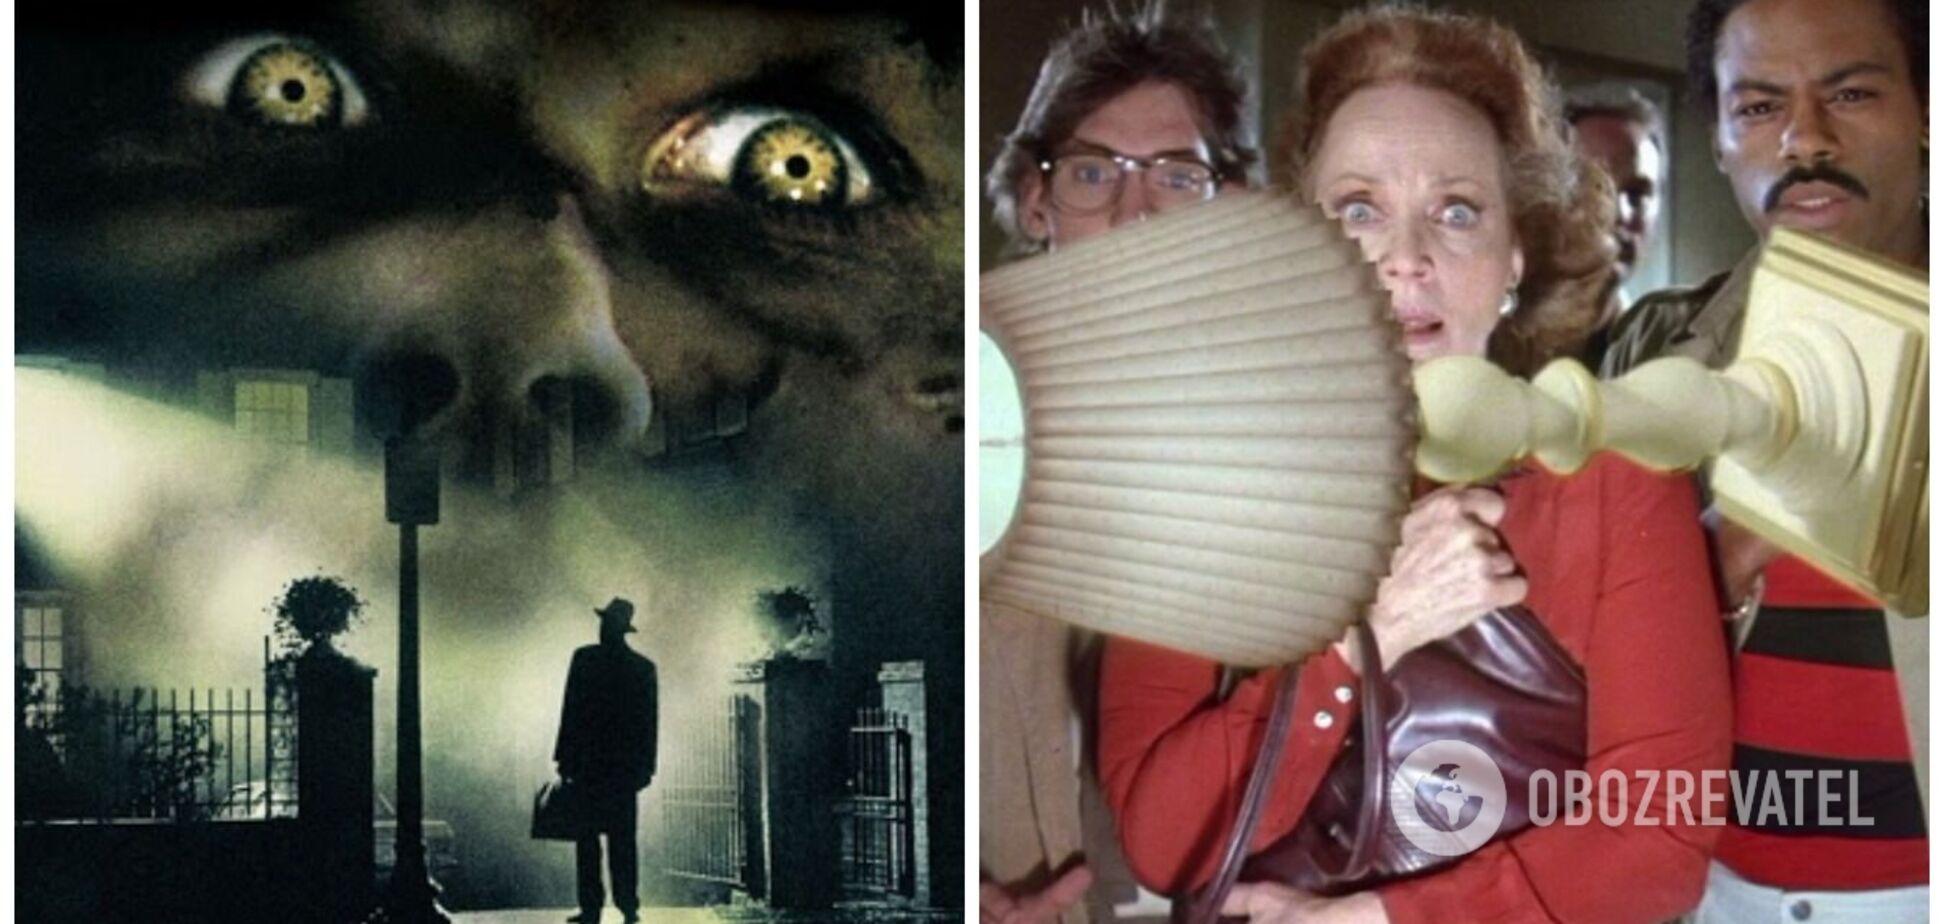 Топ-5 'проклятых' фильмов ужасов, актеры которых погибли после съемок